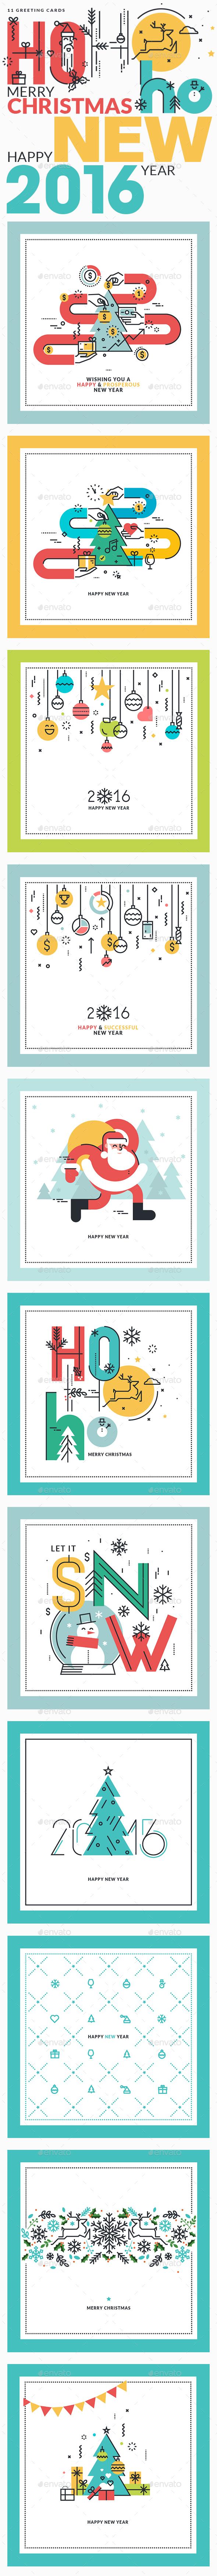 Set of Flat Line Design Christmas and New Year's - Christmas Seasons/Holidays